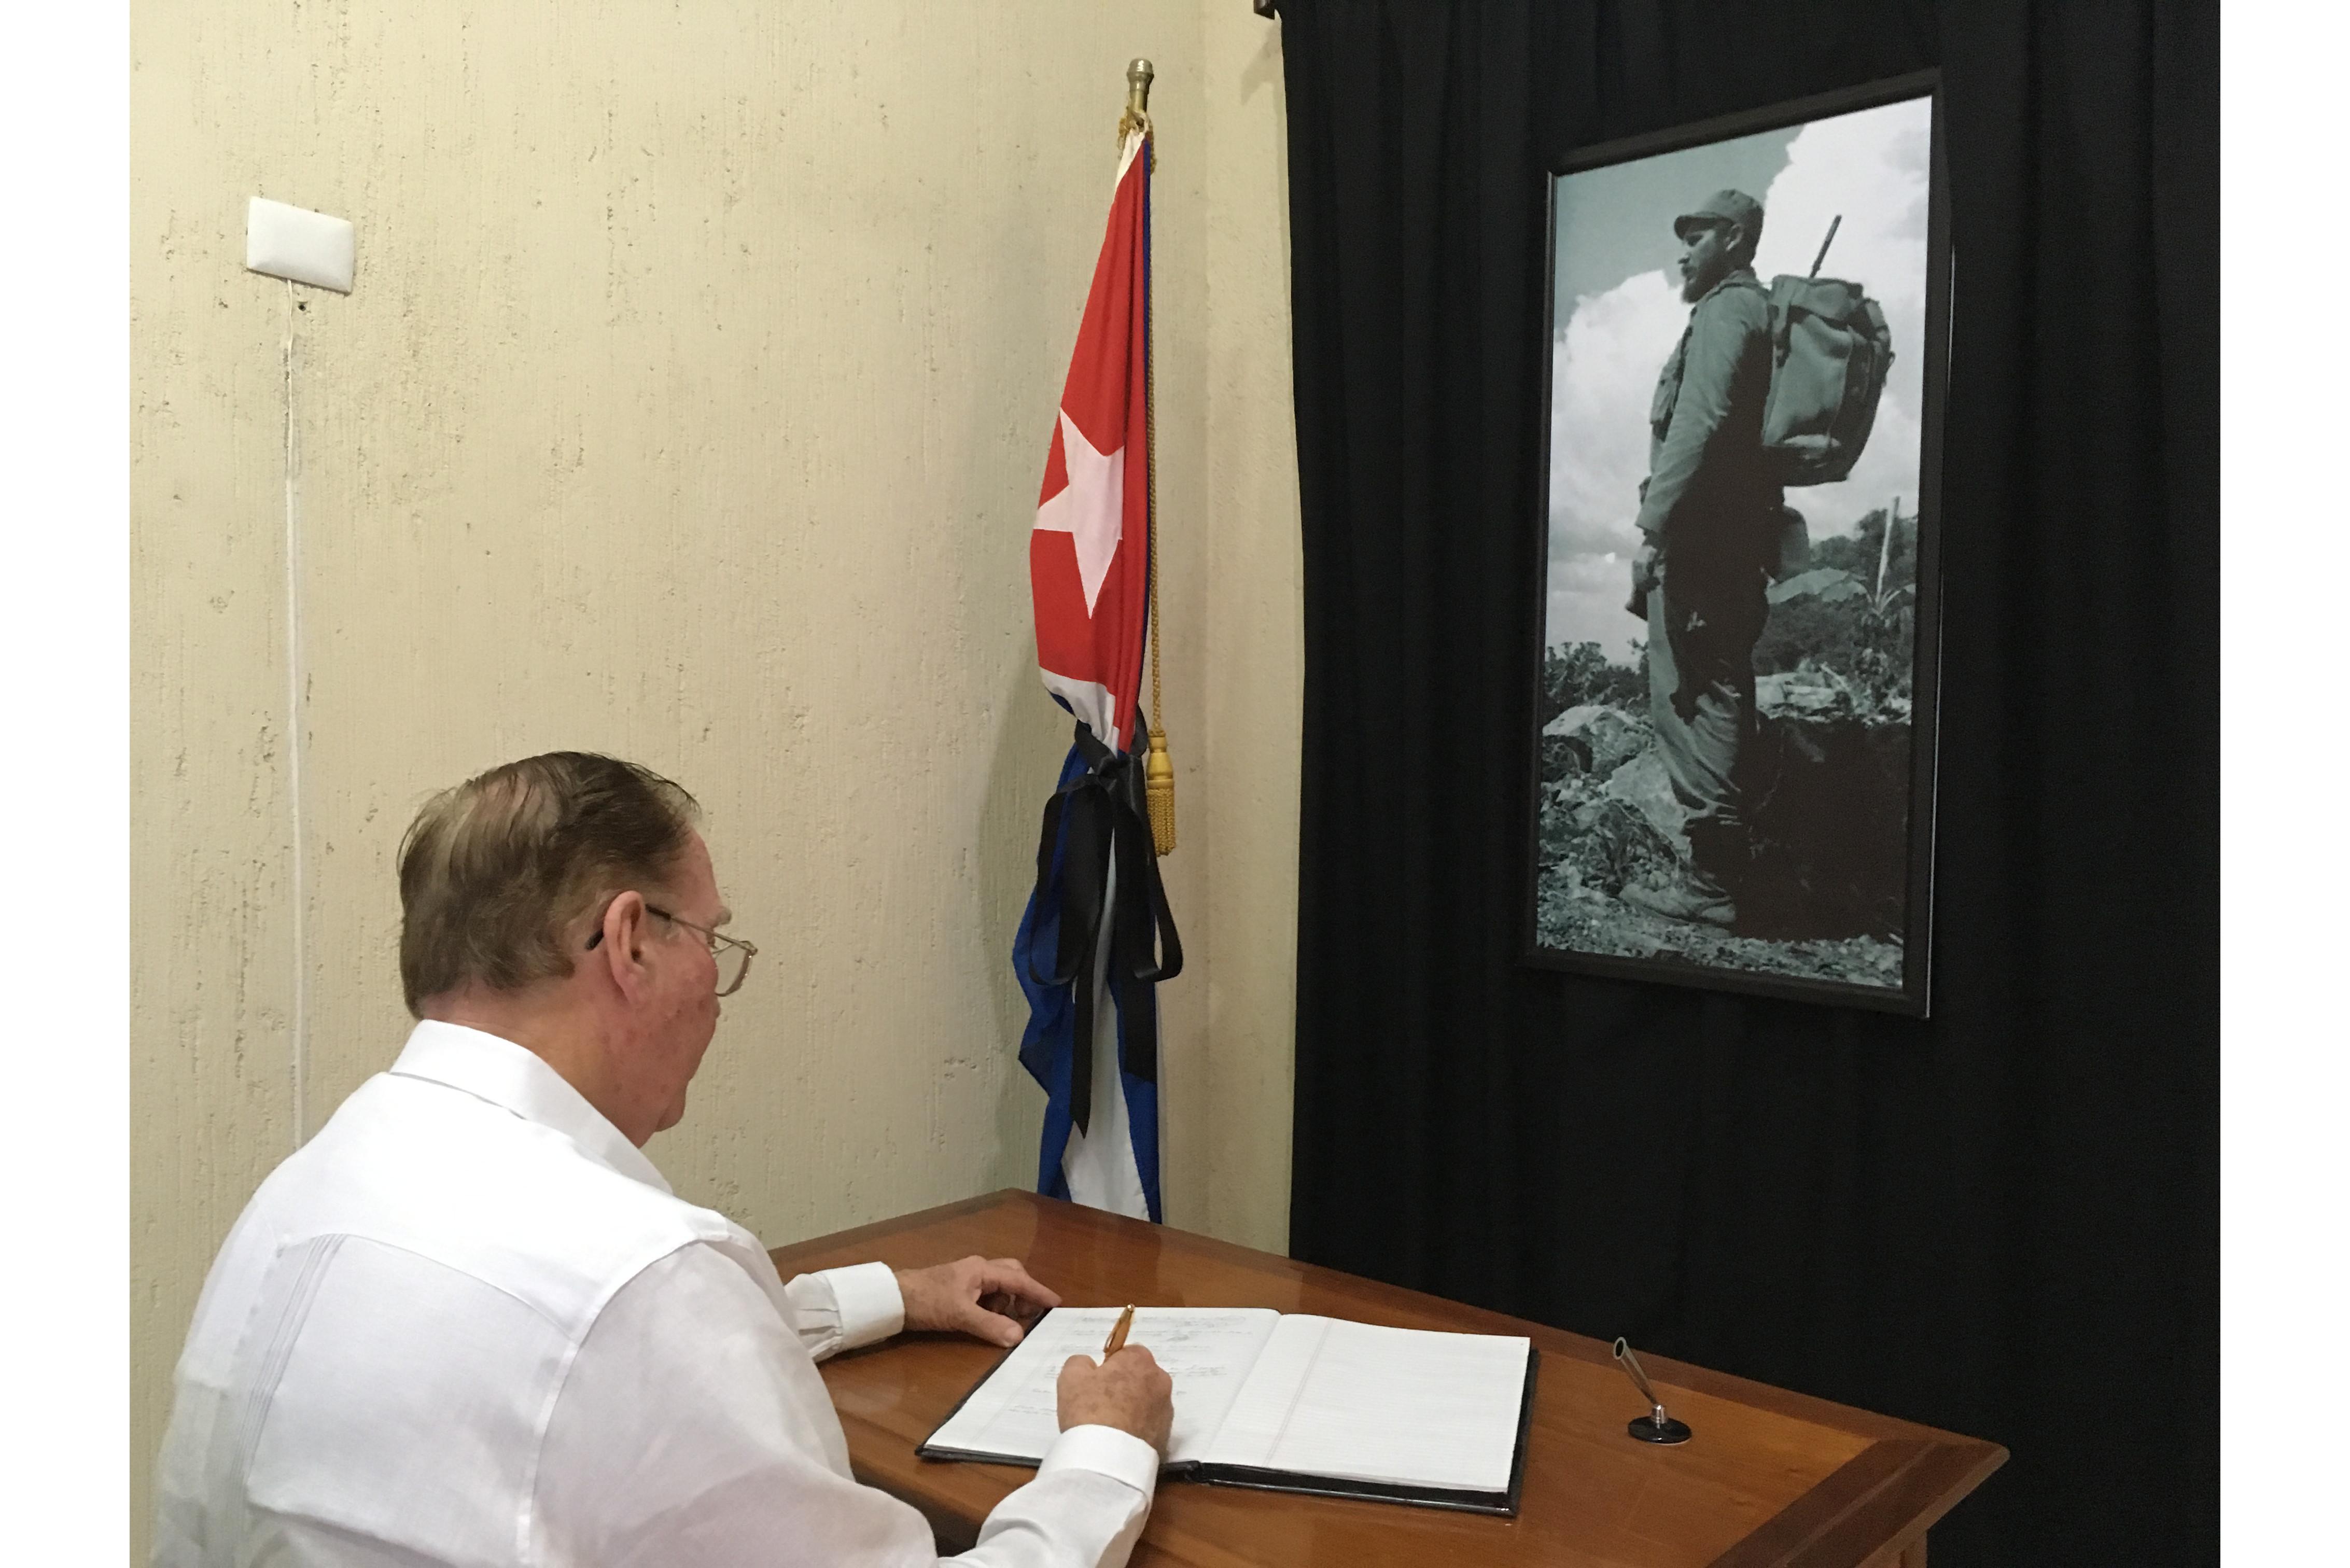 Llevan condolencias por muerte de Fidel Castro